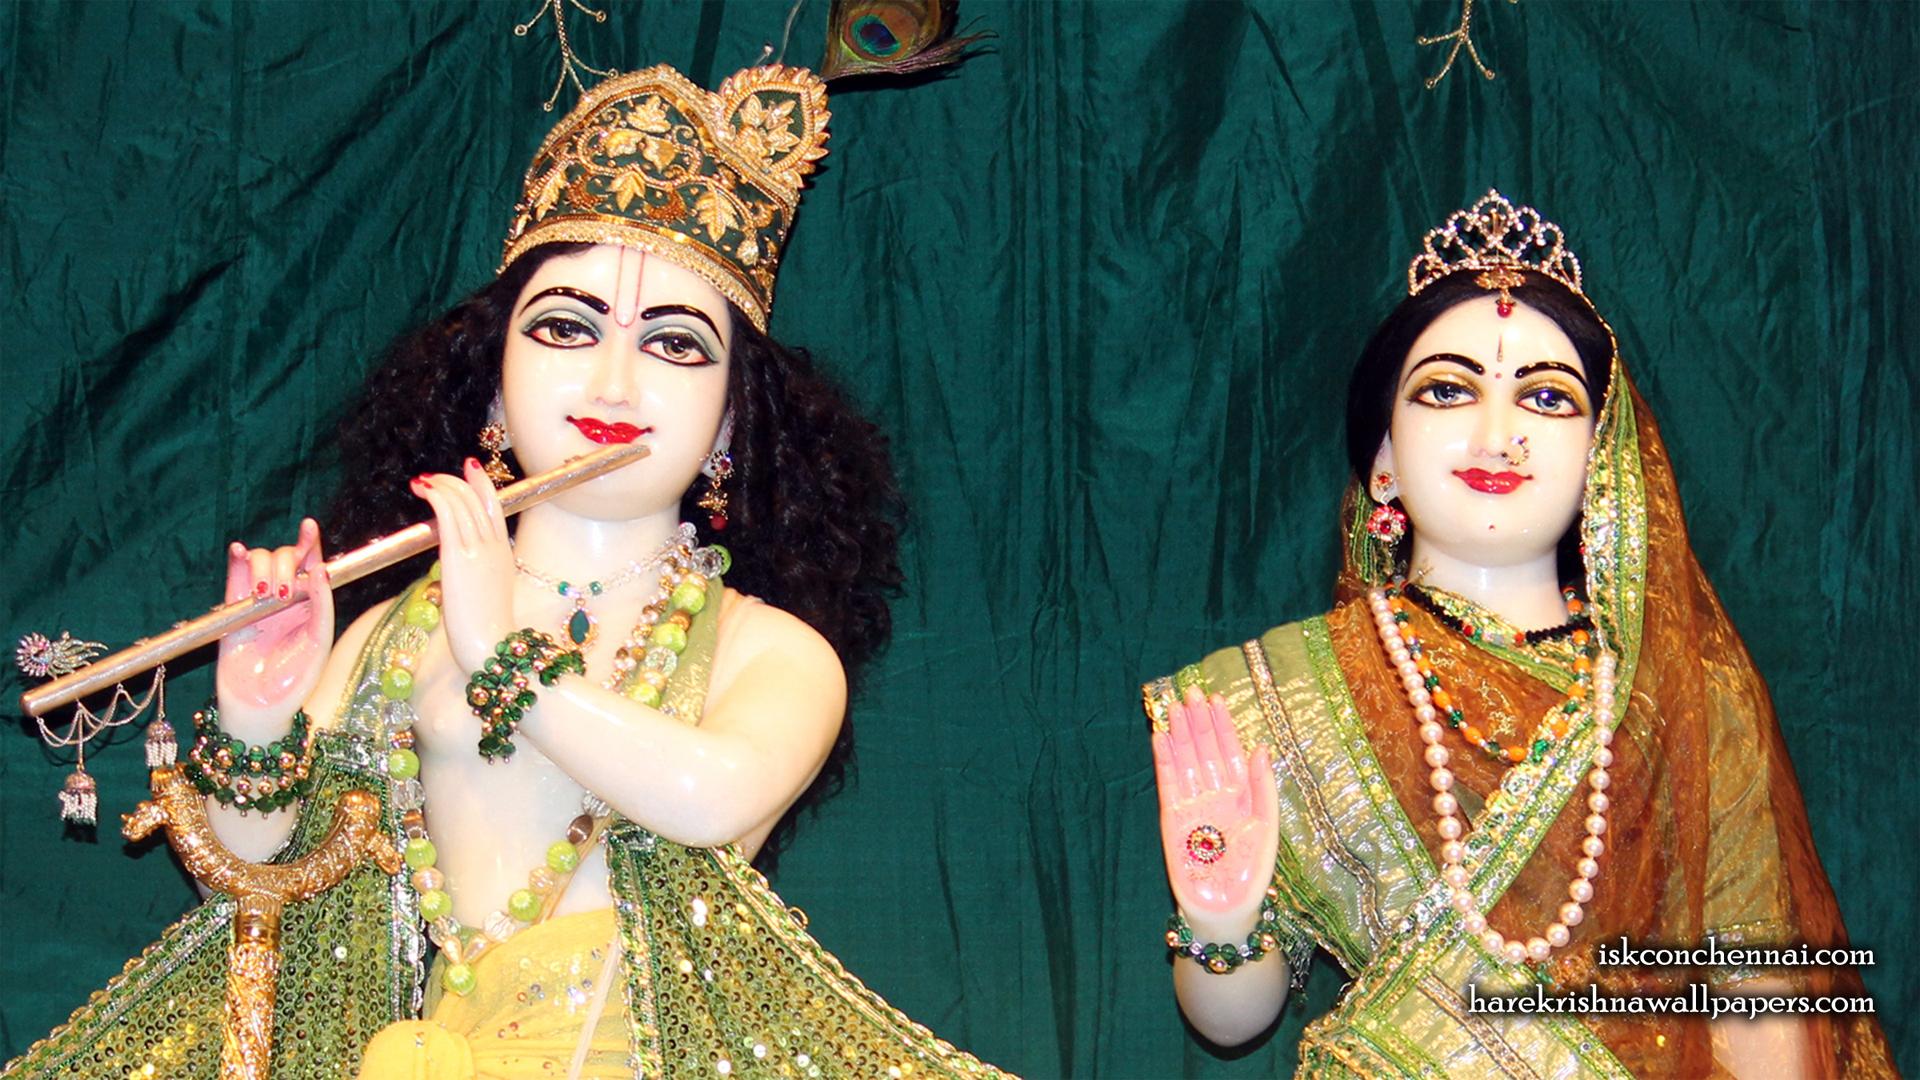 Sri Sri Radha Krishna Close up Wallpaper (013) Size 1920x1080 Download